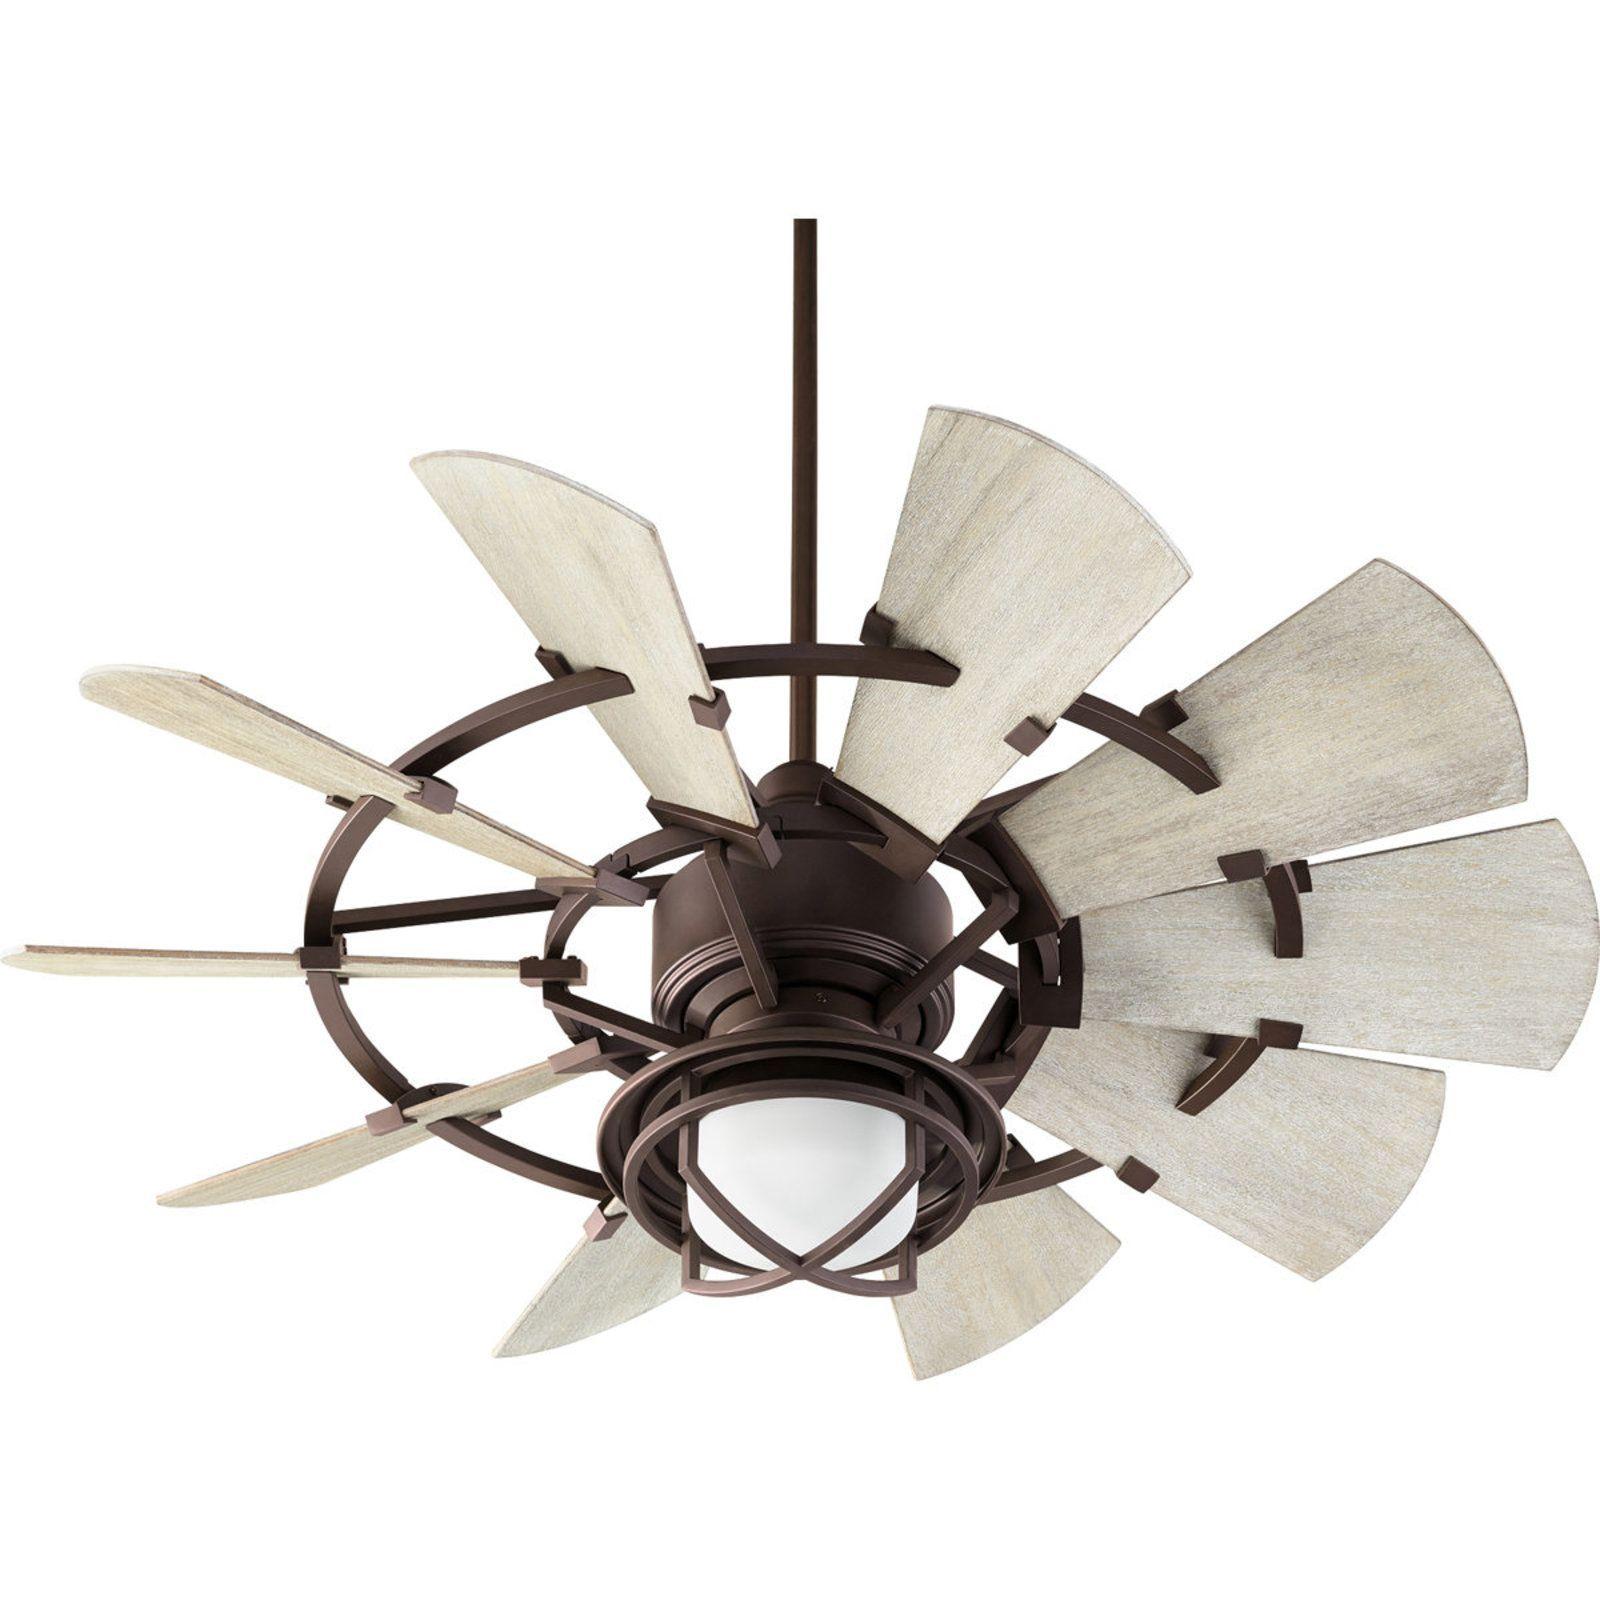 44 Rustic Windmill Fan Shades Of Light Windmill Ceiling Fan